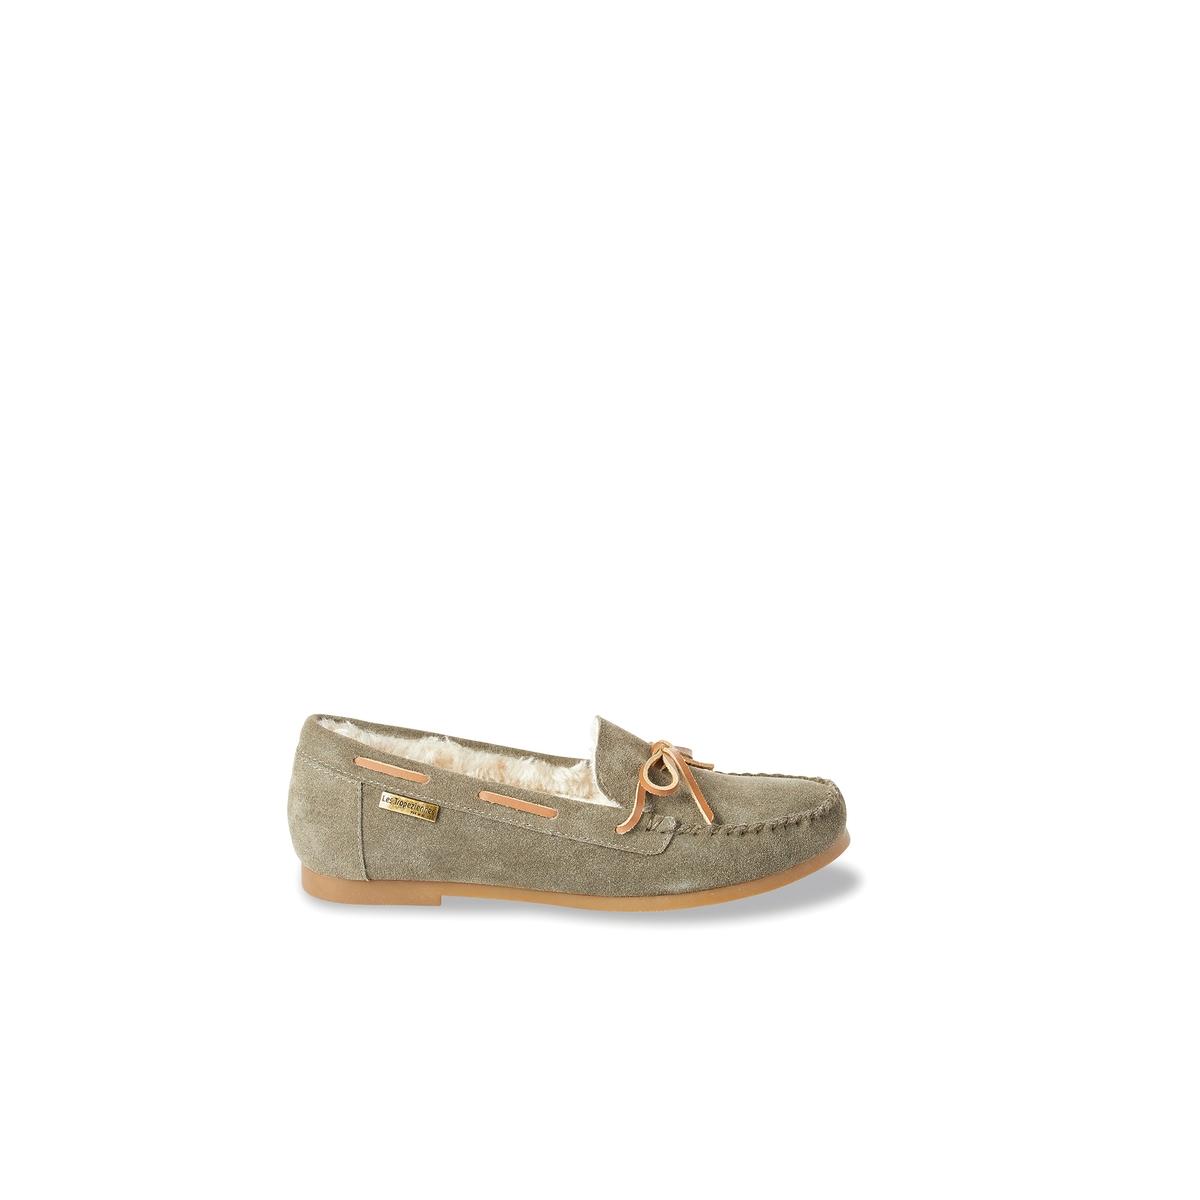 Мокасины кожаные на меху GalwayДетали   •  Мокасины •  Высота каблука : 1 см. •  Застежка : без застежки •  Круглый мысок •  Велюровая отделка, нубукСостав и уход   •  Верх 100% спилок •  Подкладка 100% текстиль •  Стелька 100% текстиль •  Подошва 100% синтетический материал<br><br>Цвет: зеленый хаки,темно-бежевый